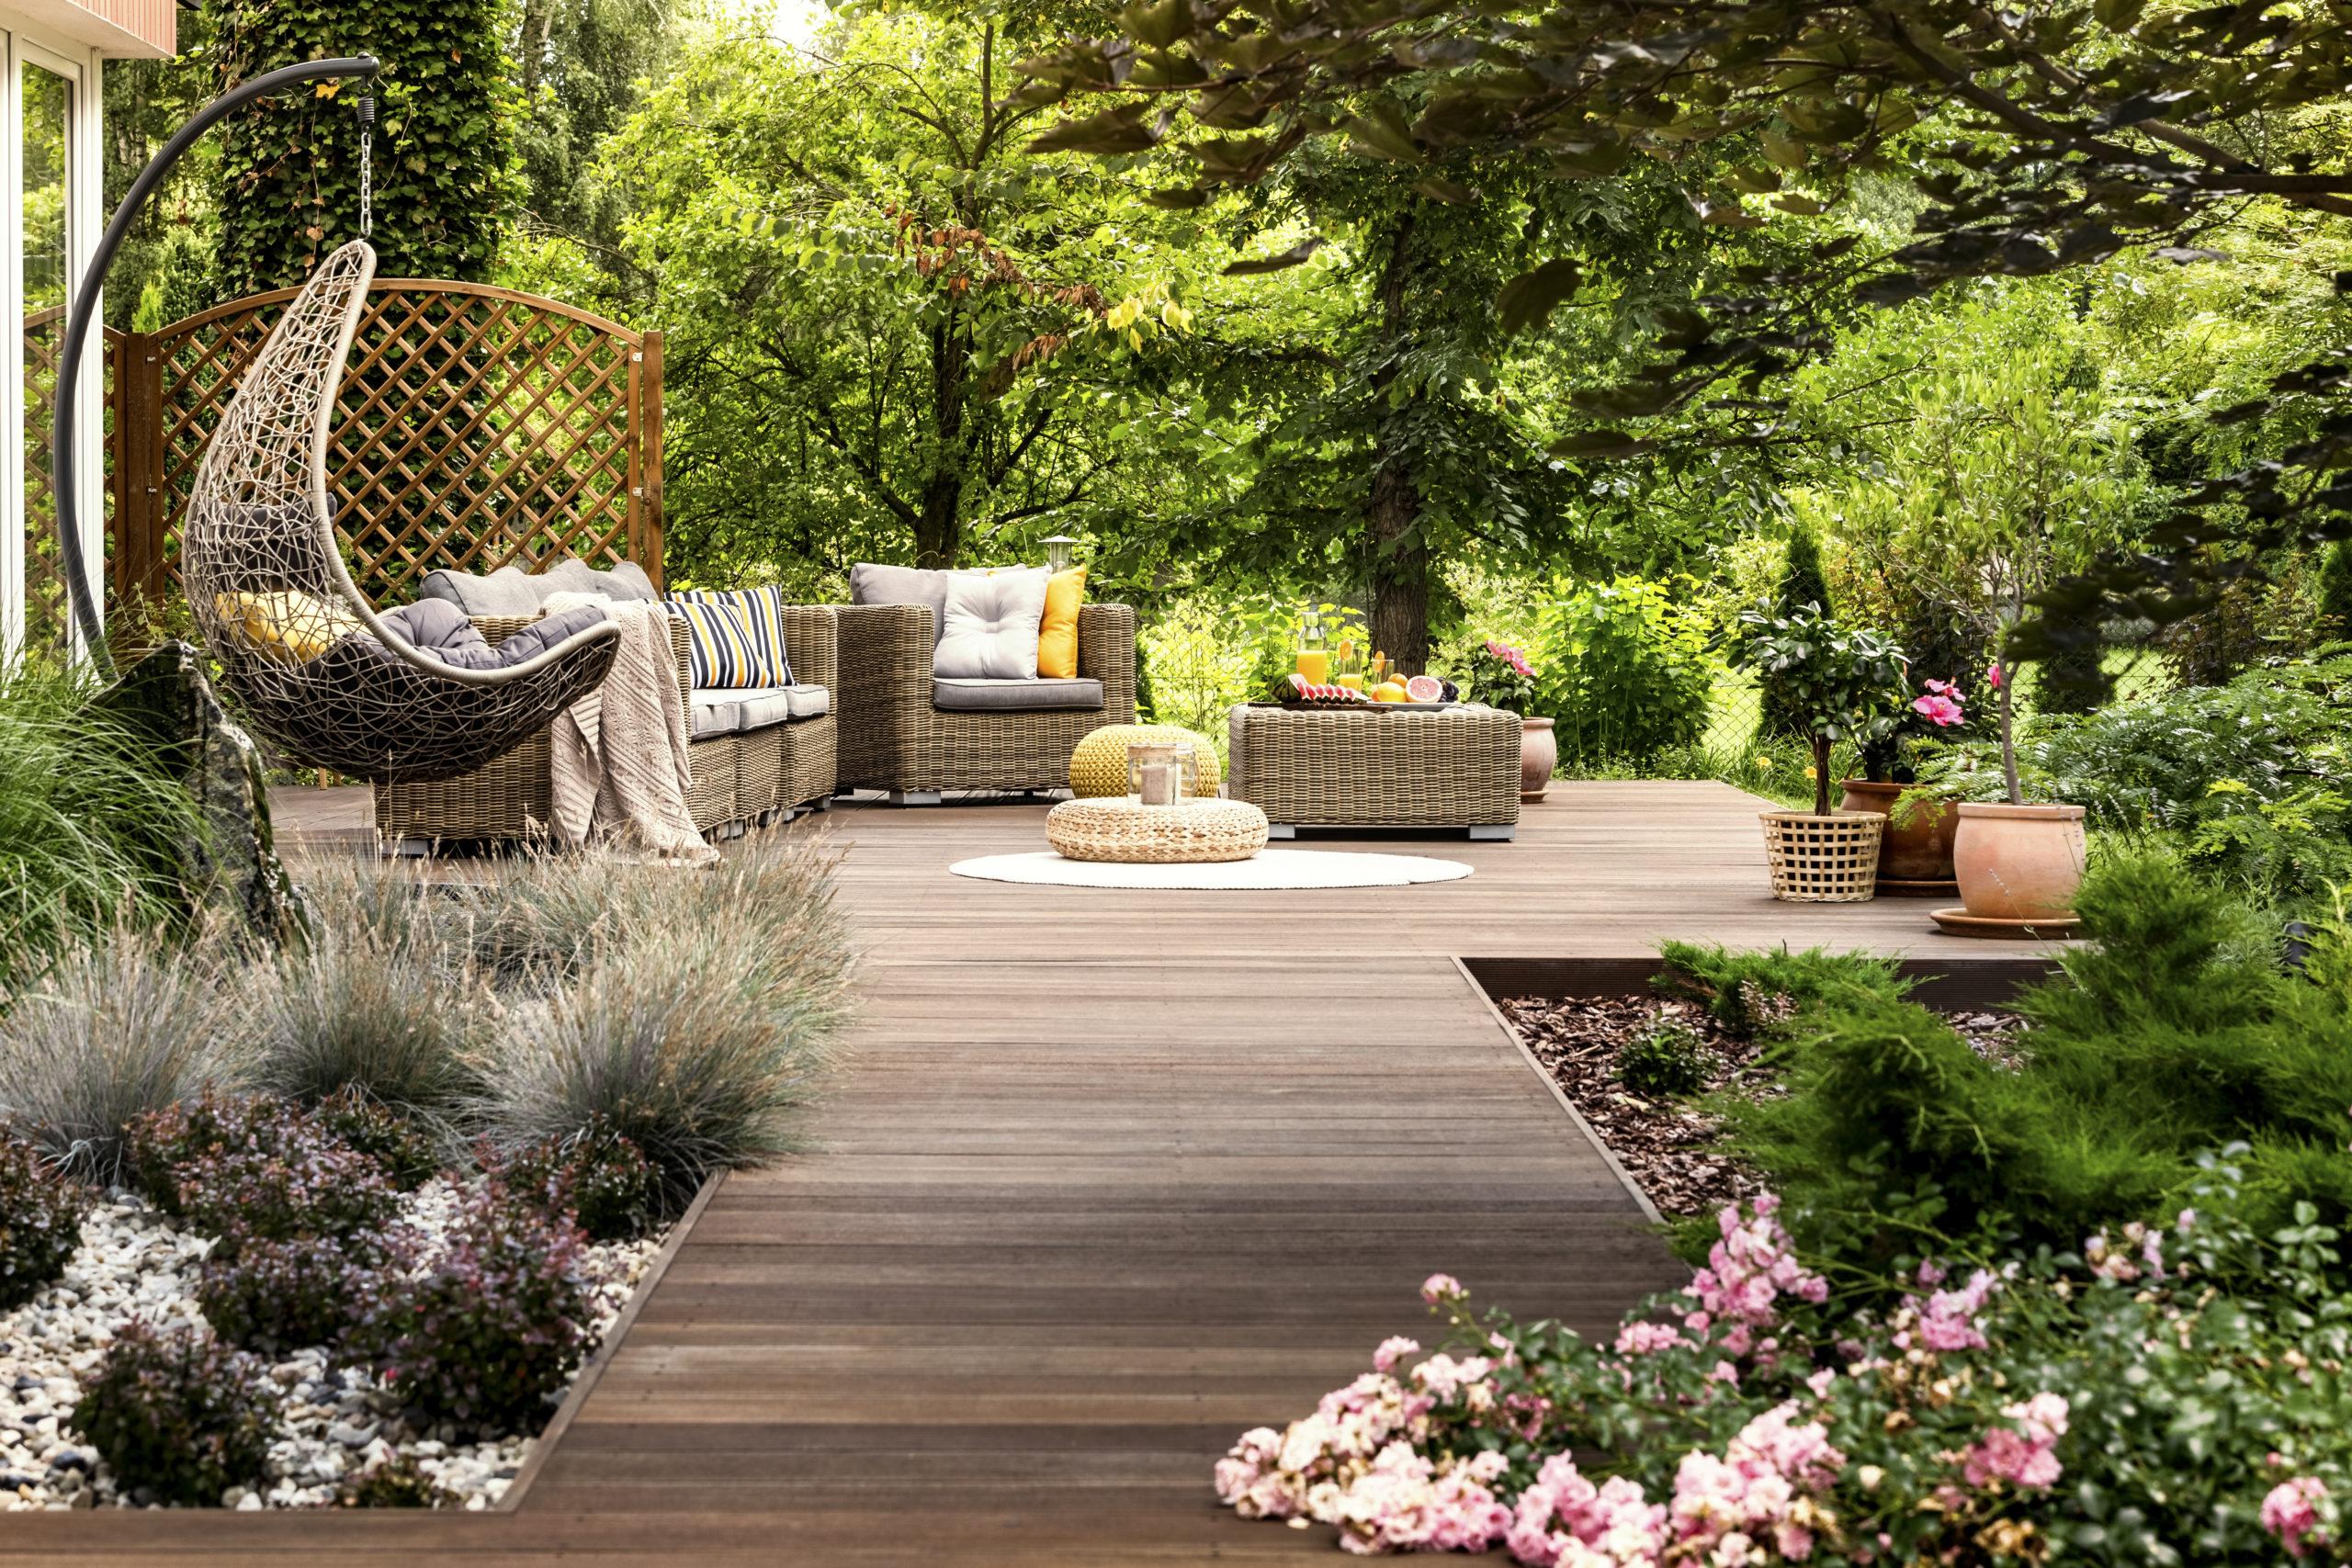 Ökologisch bauen: eine Terrasse aus Holz, umgeben von vielen bunten Blumen und grünen Bäumen.